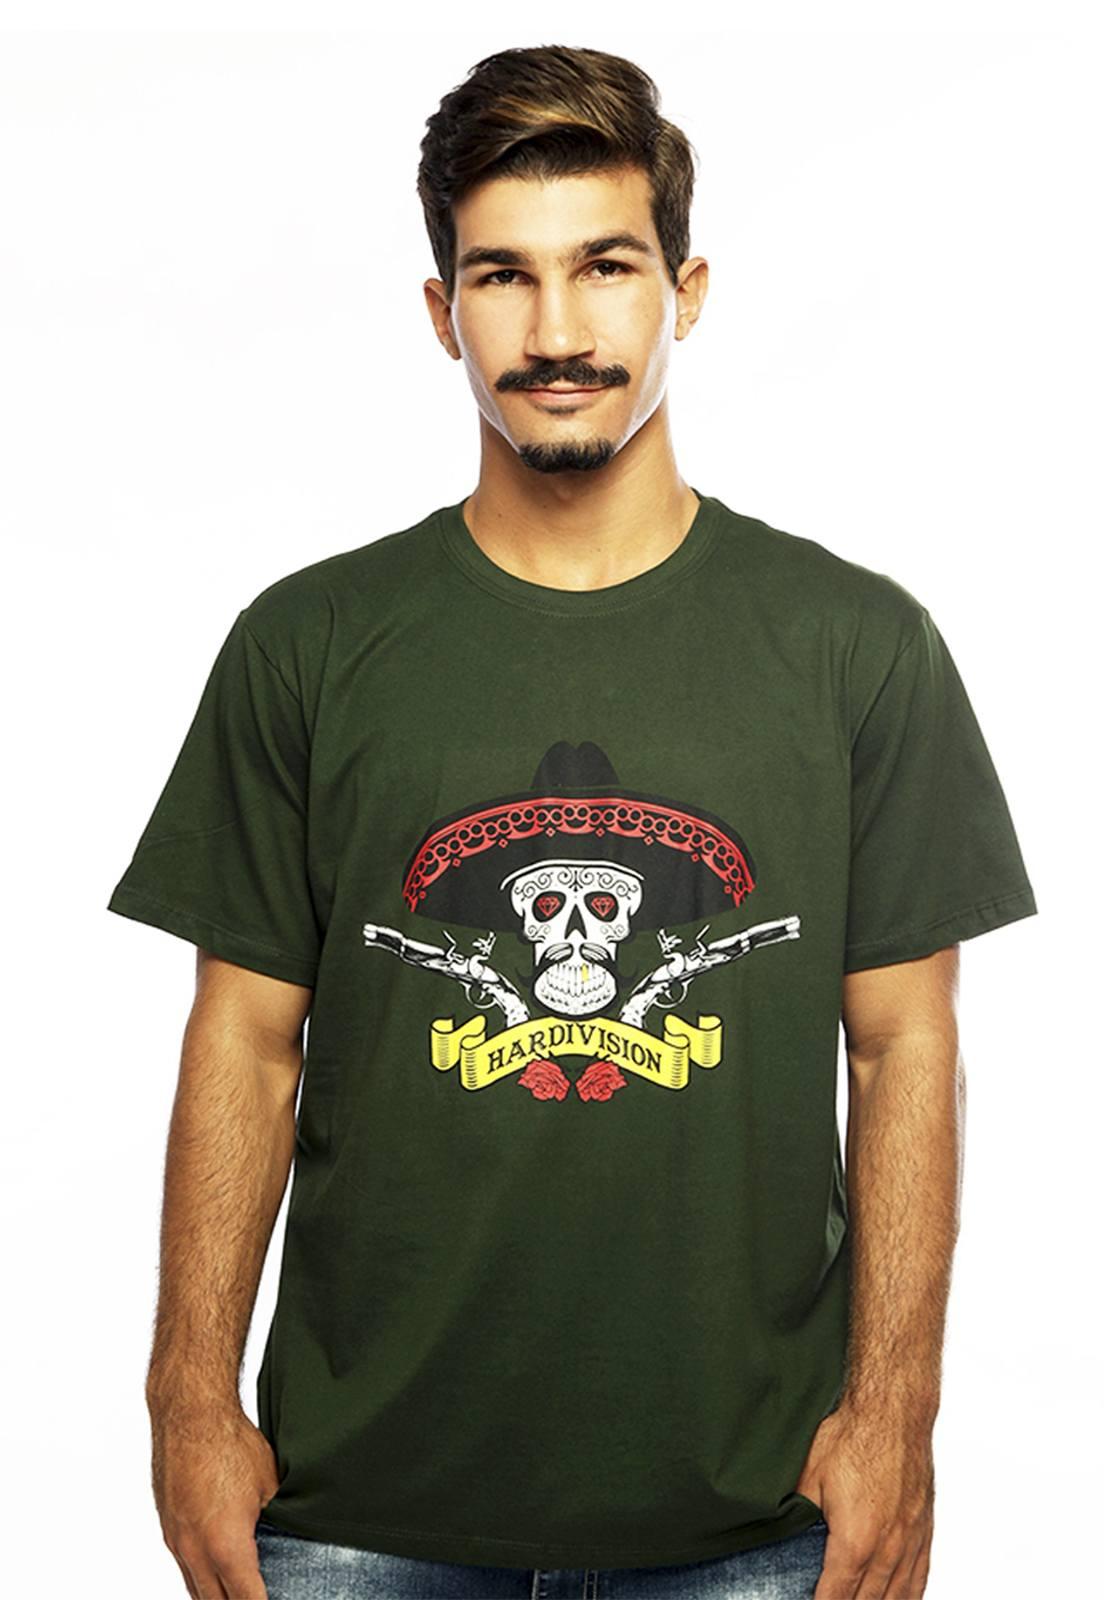 Camiseta Hardivision Hombre Manga Curta Verde